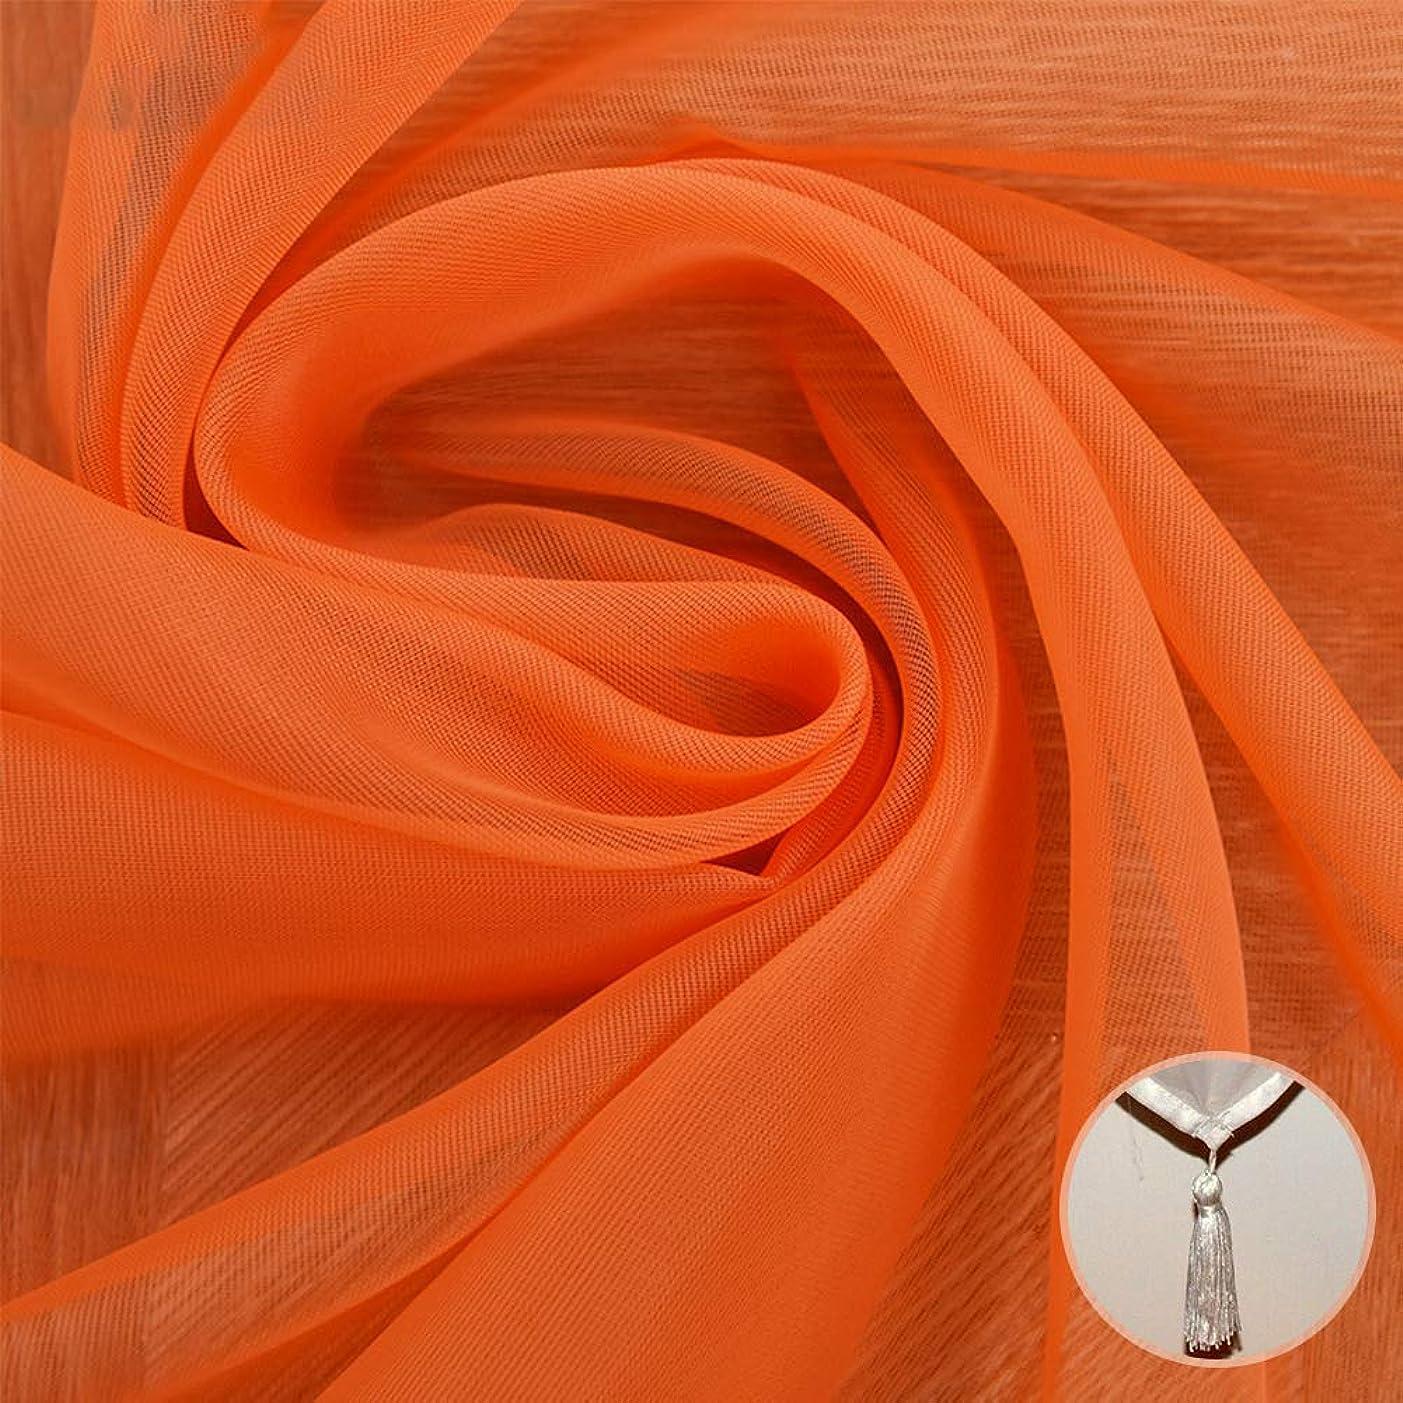 幹共和党電卓カーテン 遮光カーテン 洗える 装飾ホーム 居間 窓 部屋 45x45cm ポリエステル ホワイト/ピンク/カーキ/ローズレッド/オレンジ/ブルー/パープル